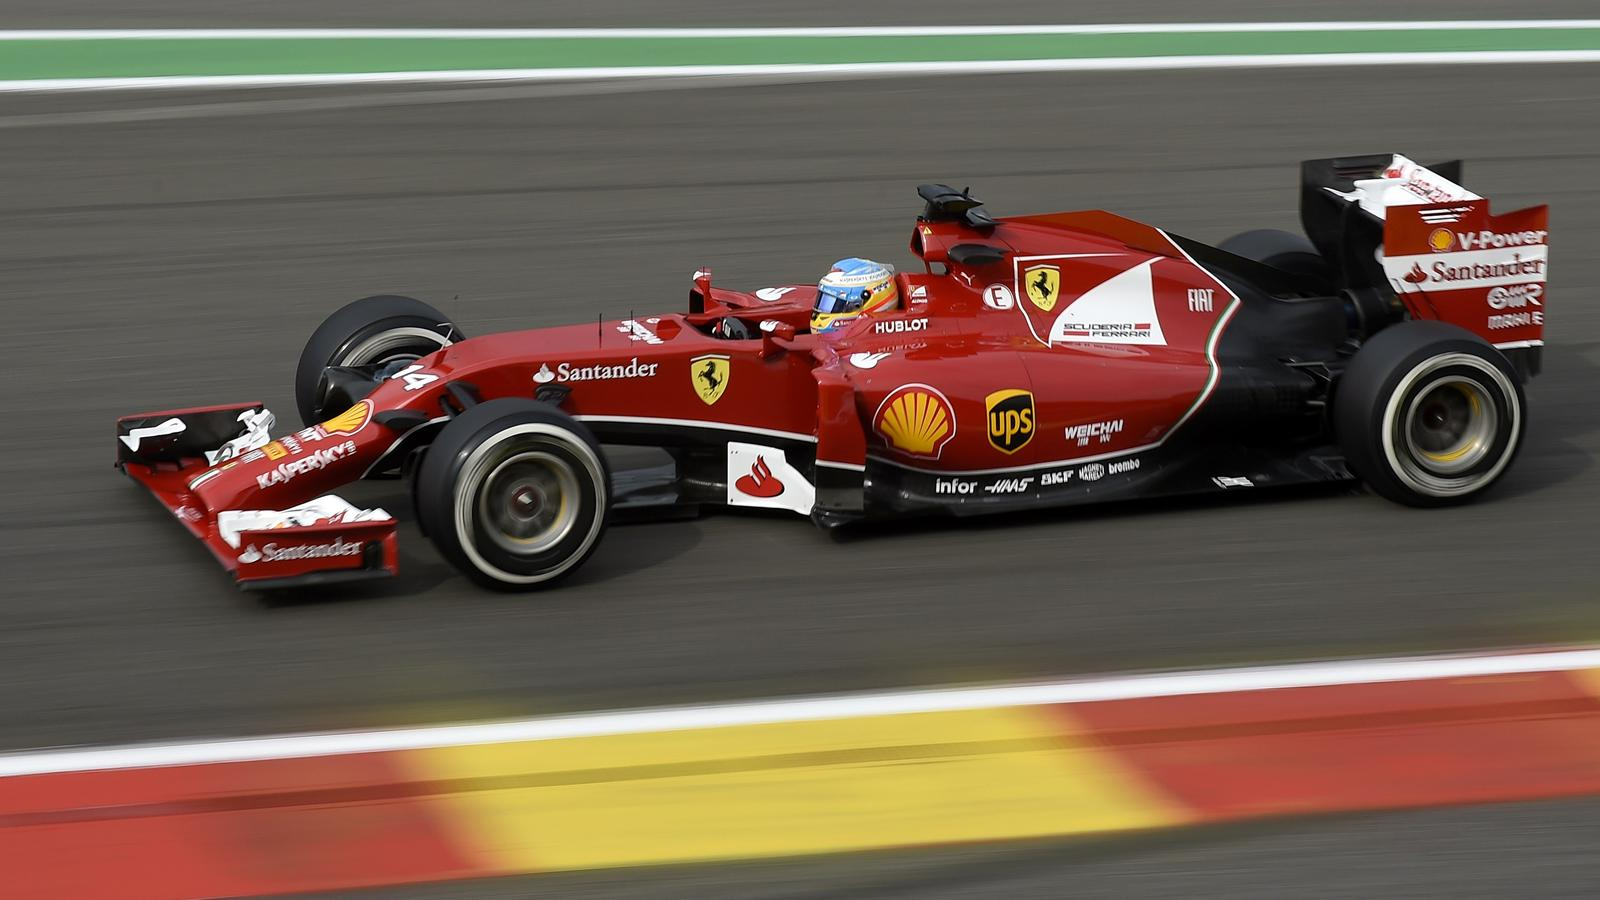 Fernando alonso ferrari septi me le podium tait jouable grand prix de belgique 2014 - Formule vitesse de coupe ...